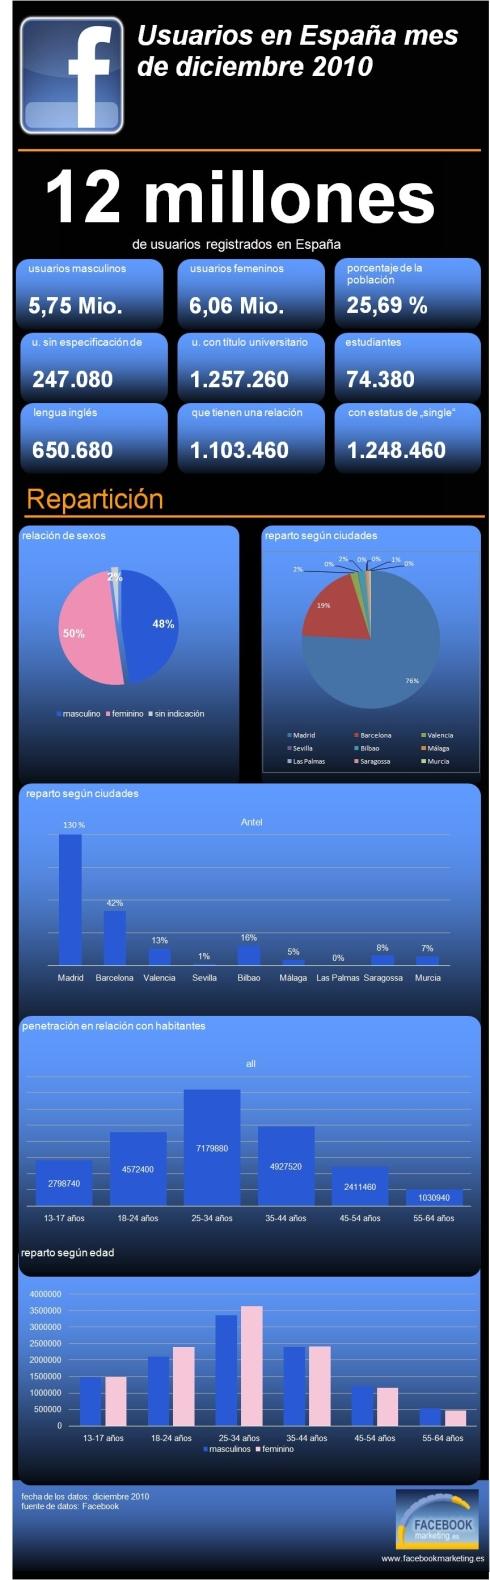 Usuarios de Facebook España 2010